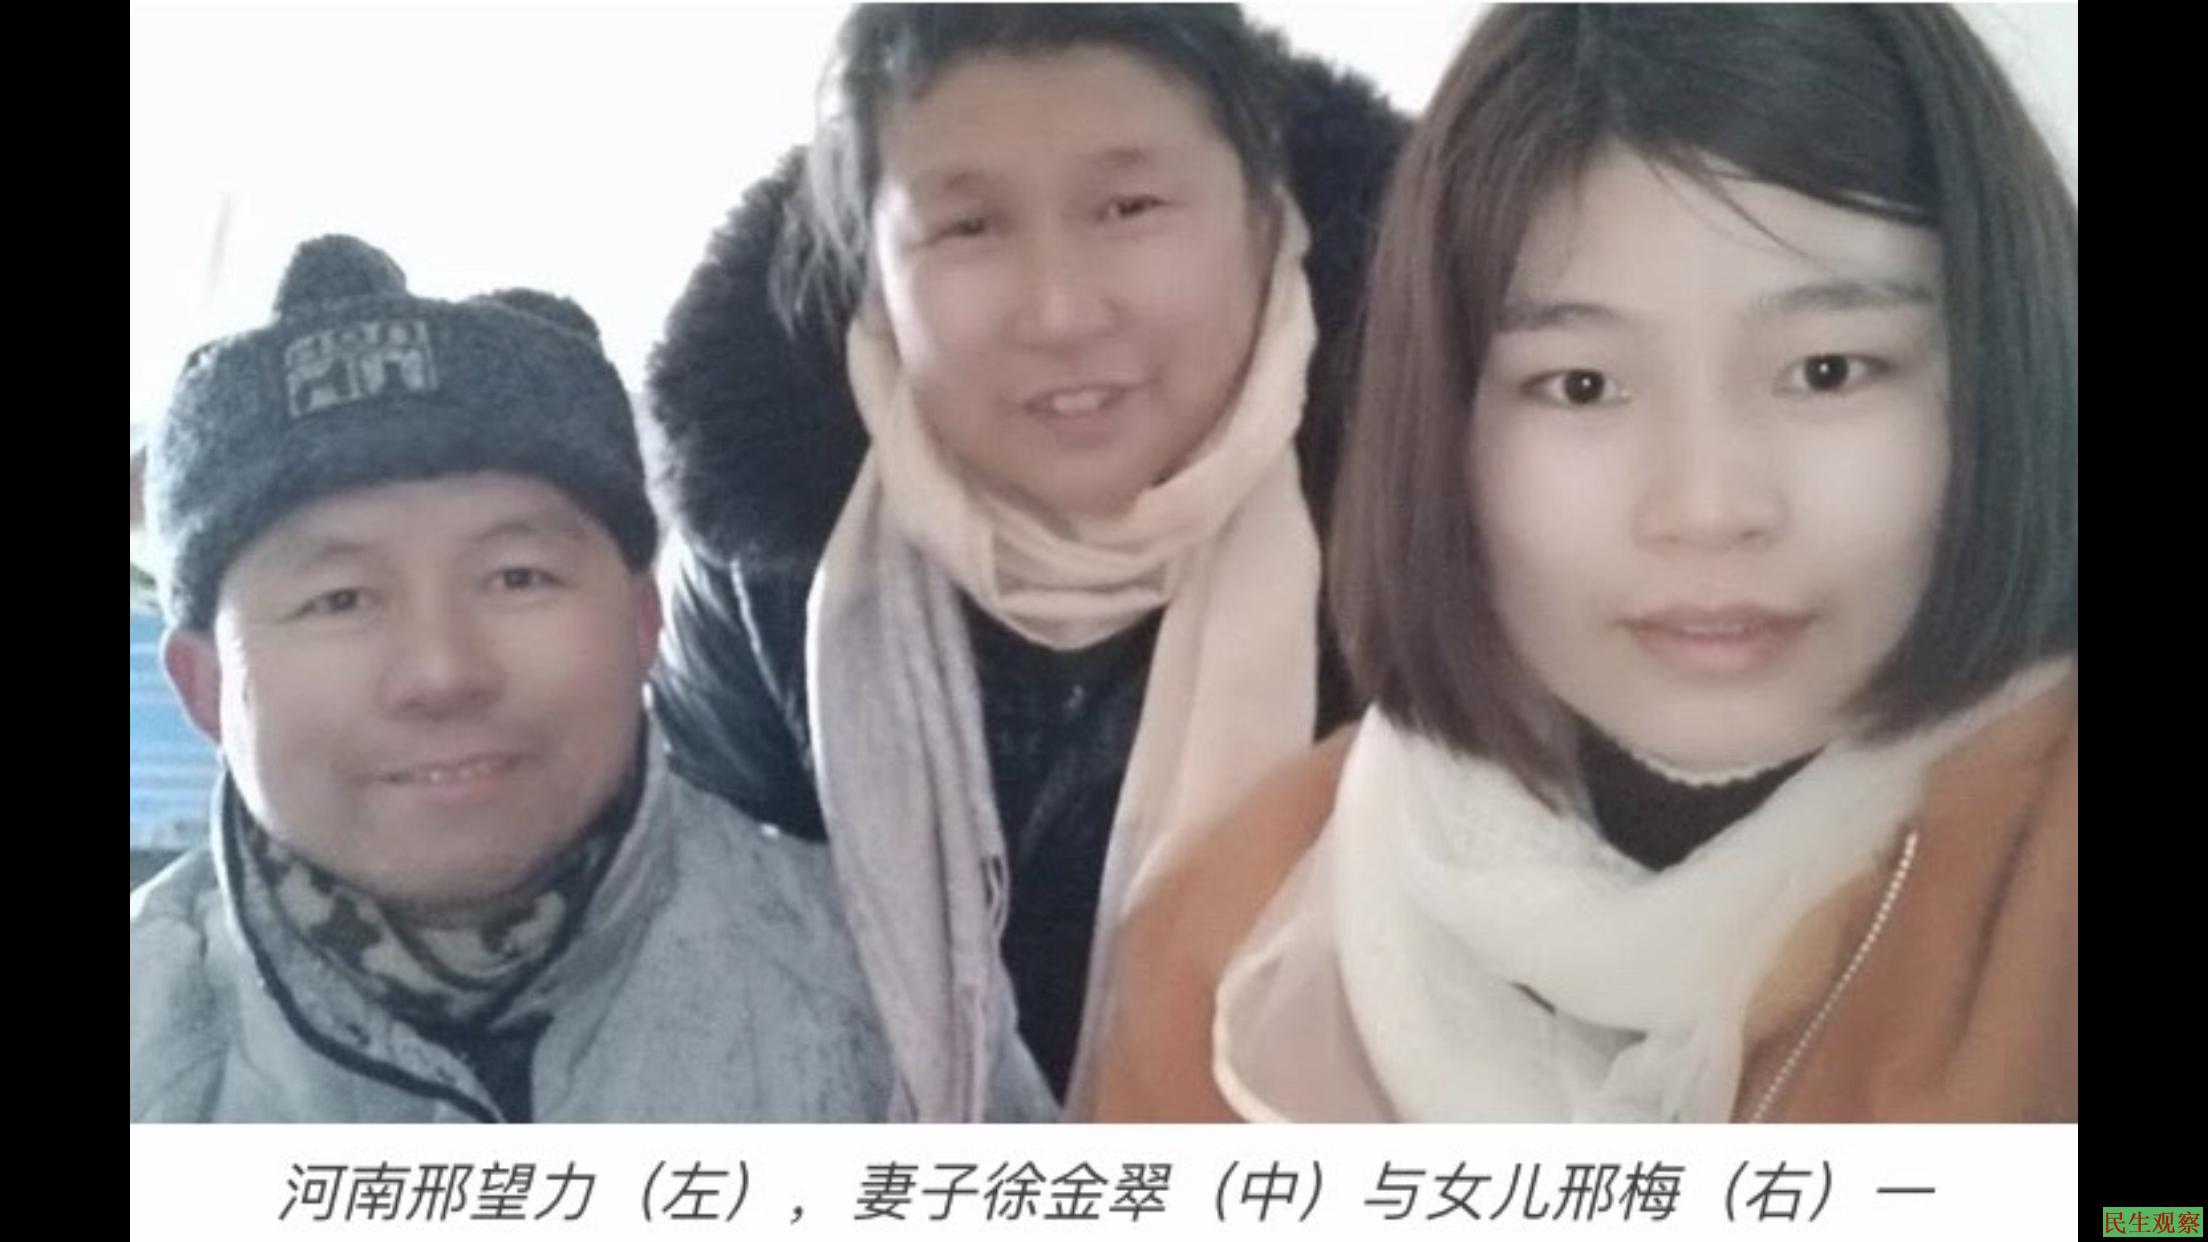 河南邢望力/徐金翠/邢梅/邢鉴/何泽英/邢家英/吴德生